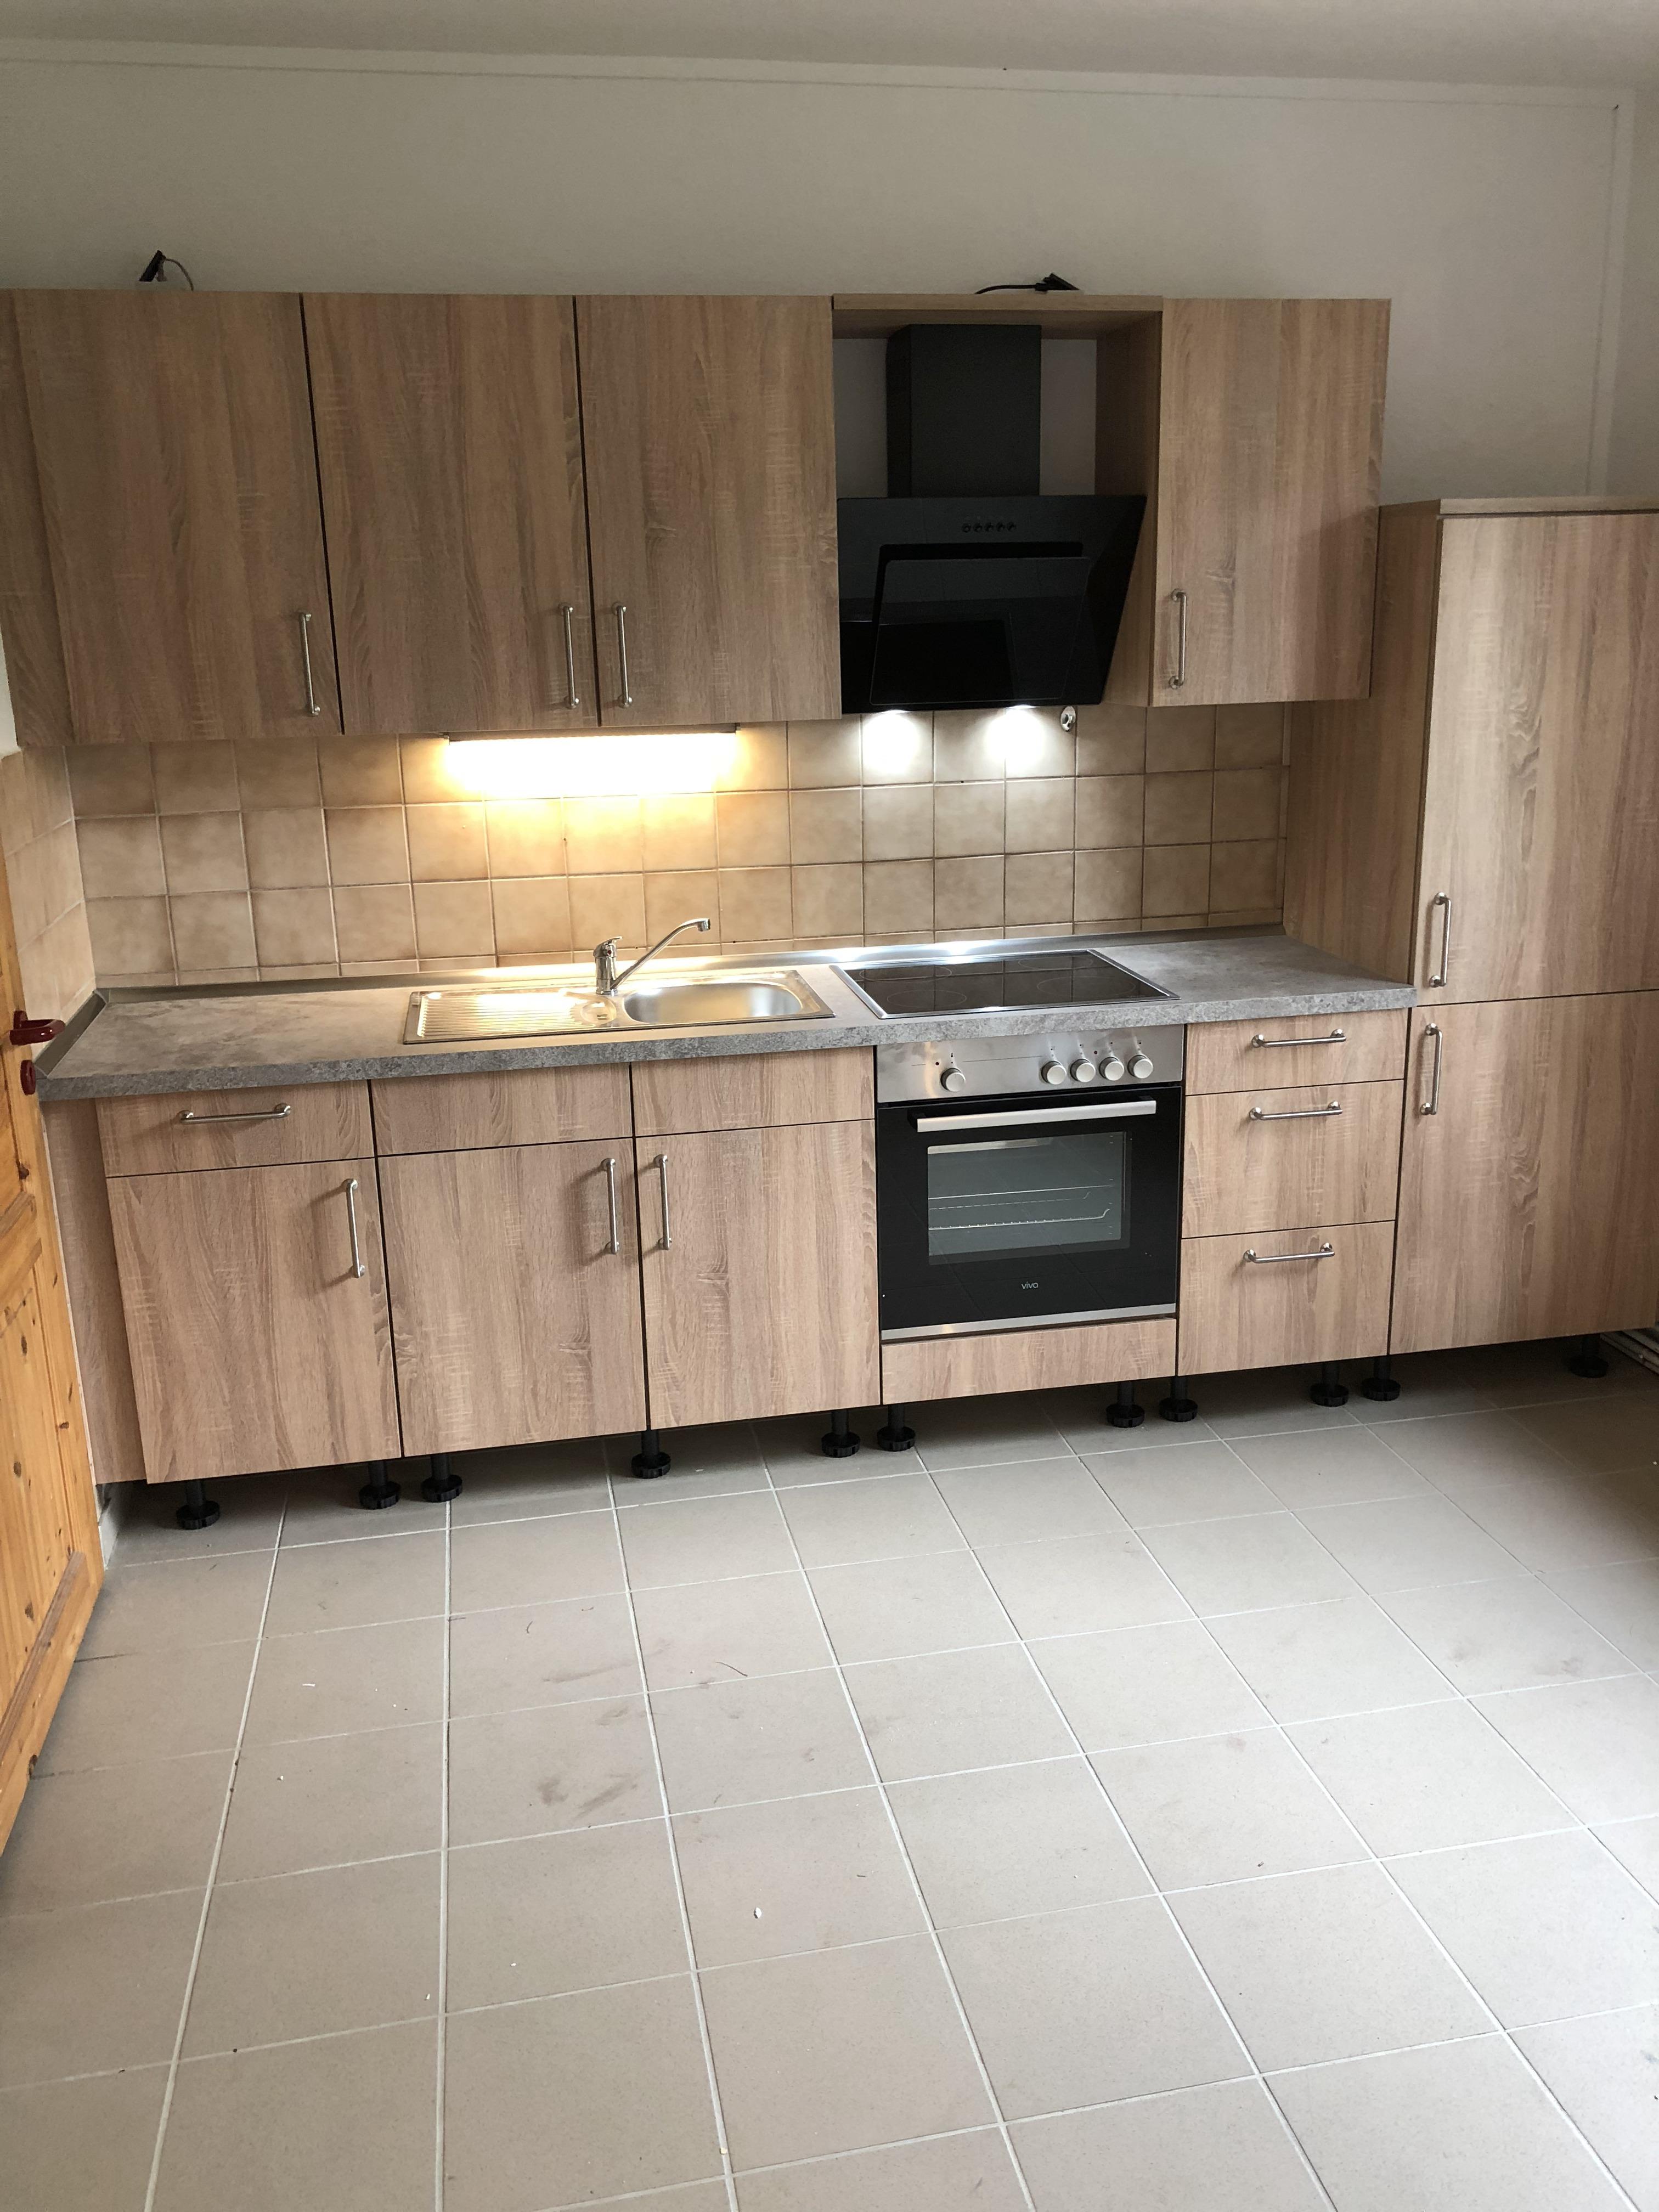 Küchenzeile in Sonoma Eiche-Wohngruppe_1